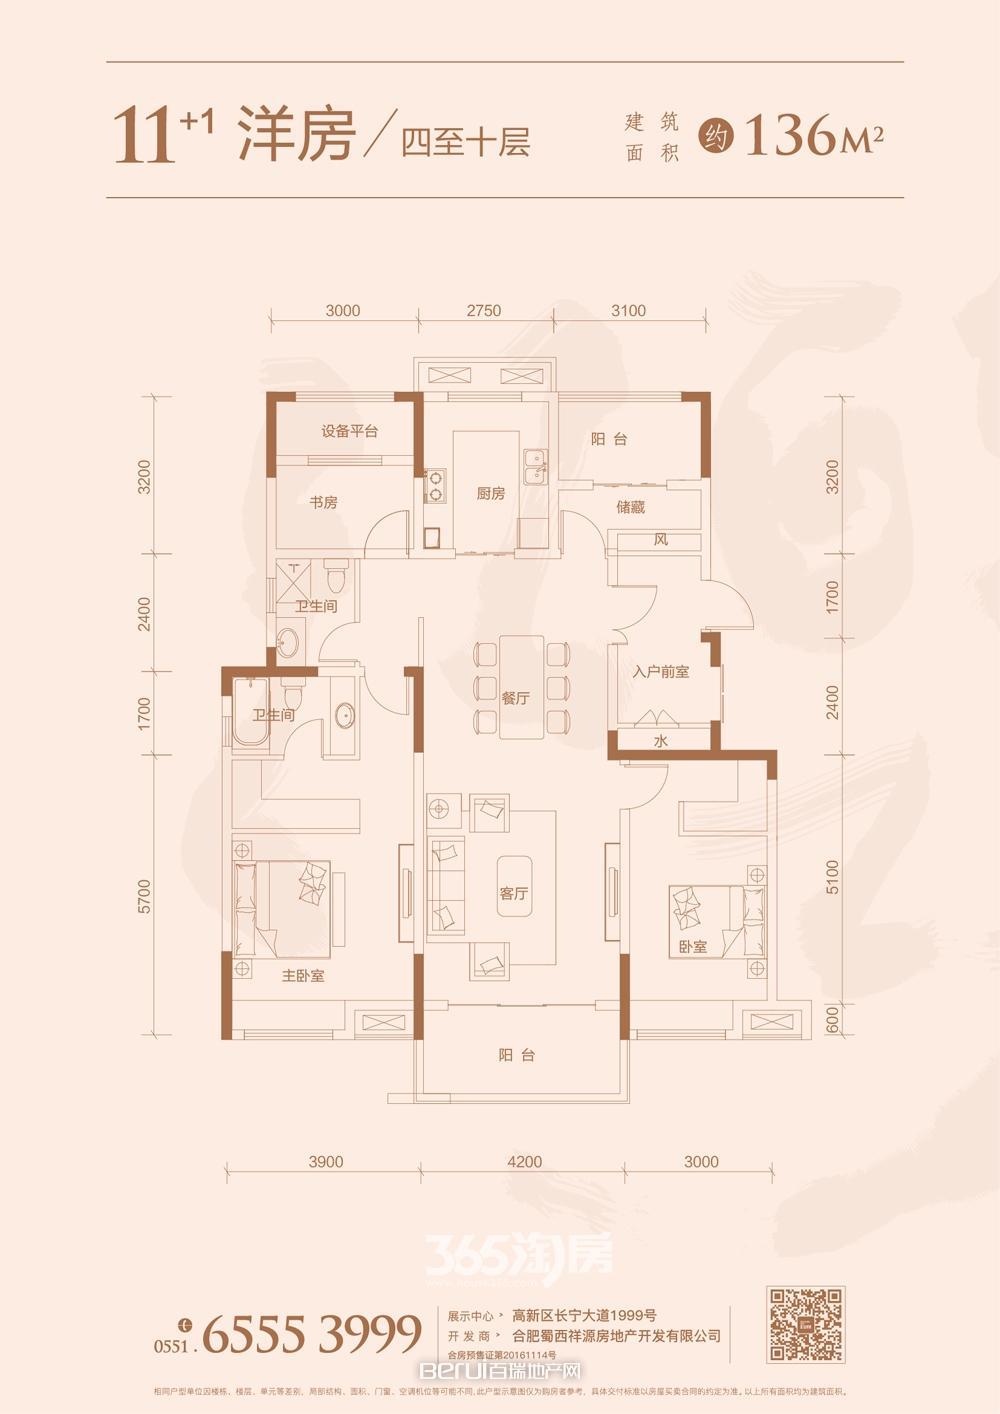 祥源金港湾11+1洋房 4-11层 136平 户型